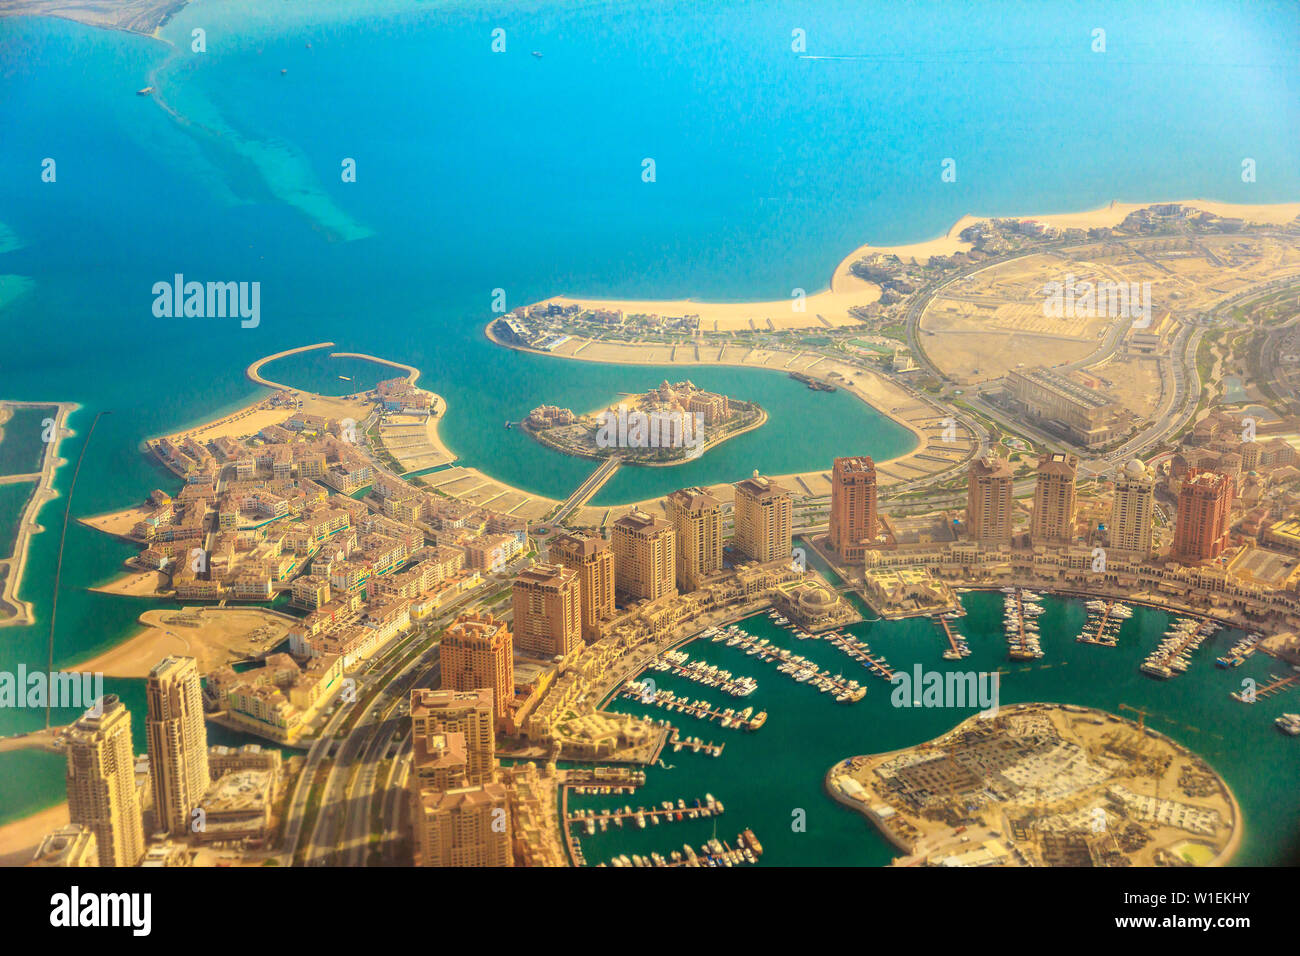 Vue aérienne de l'Pearl-Qatar à Venise, quartier Qanat, Marsa Soutien scolaire primaire Kempinski Hotel and Towers de Porto Saoudite, Doha, Qatar Banque D'Images